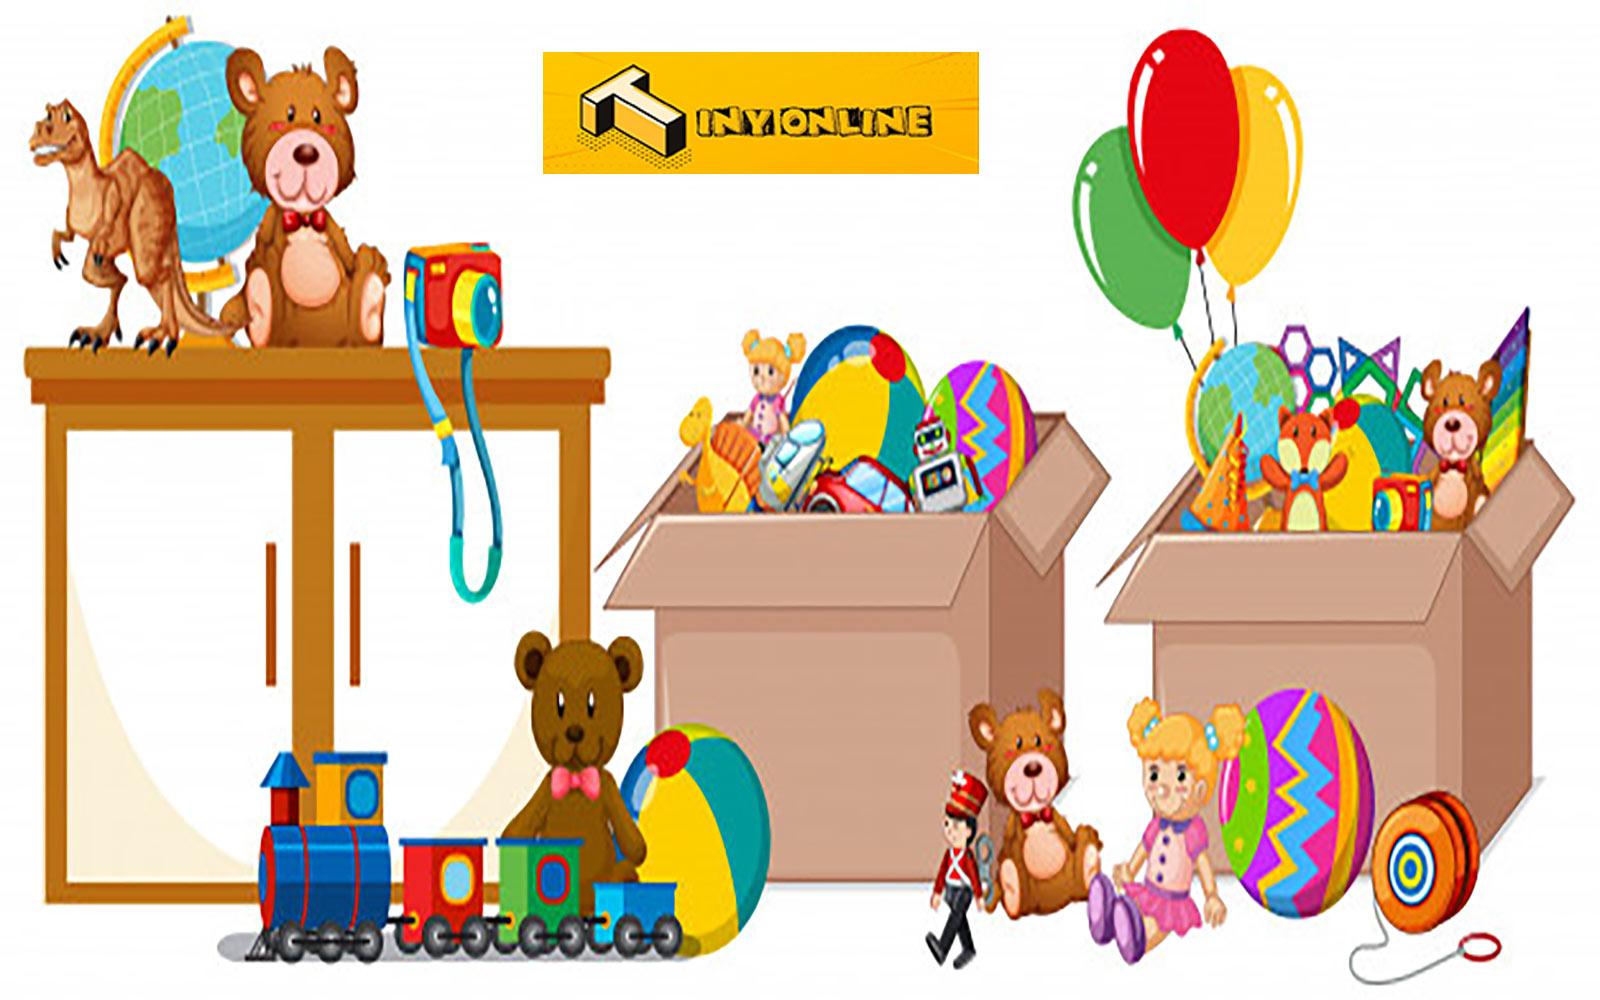 خرید اسباب بازی از تاینی آنلاین